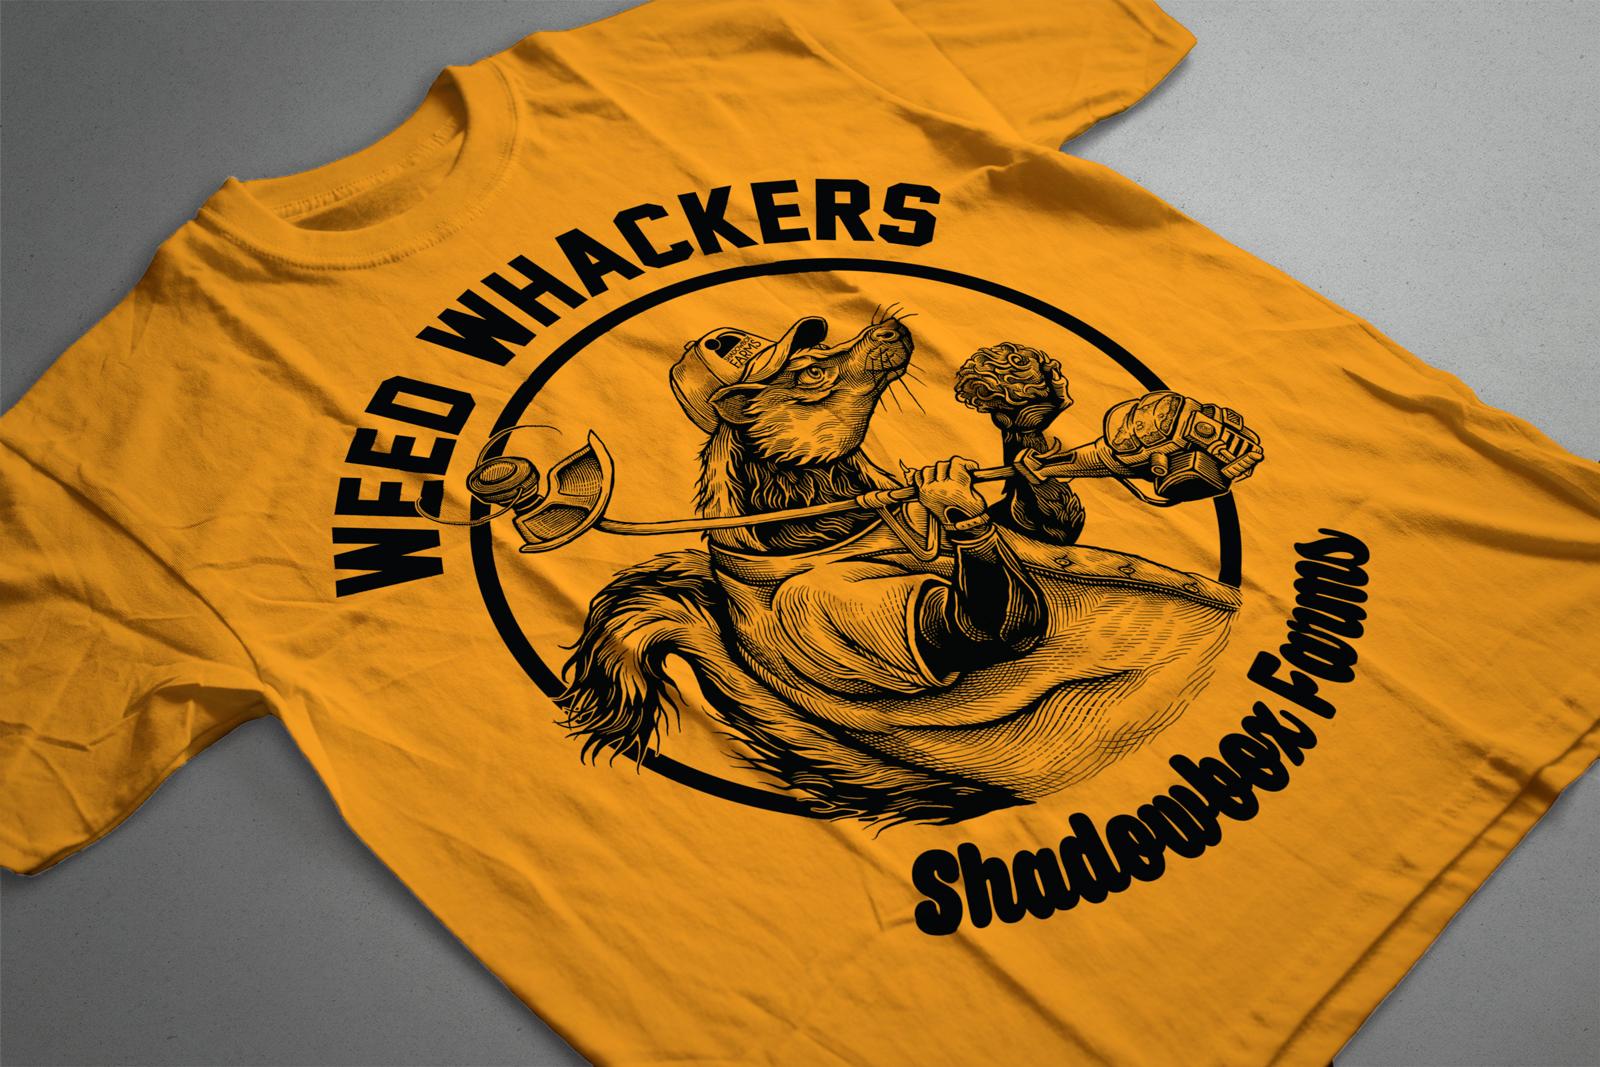 SBF_WeedWhackers_TshirtMockup.jpg